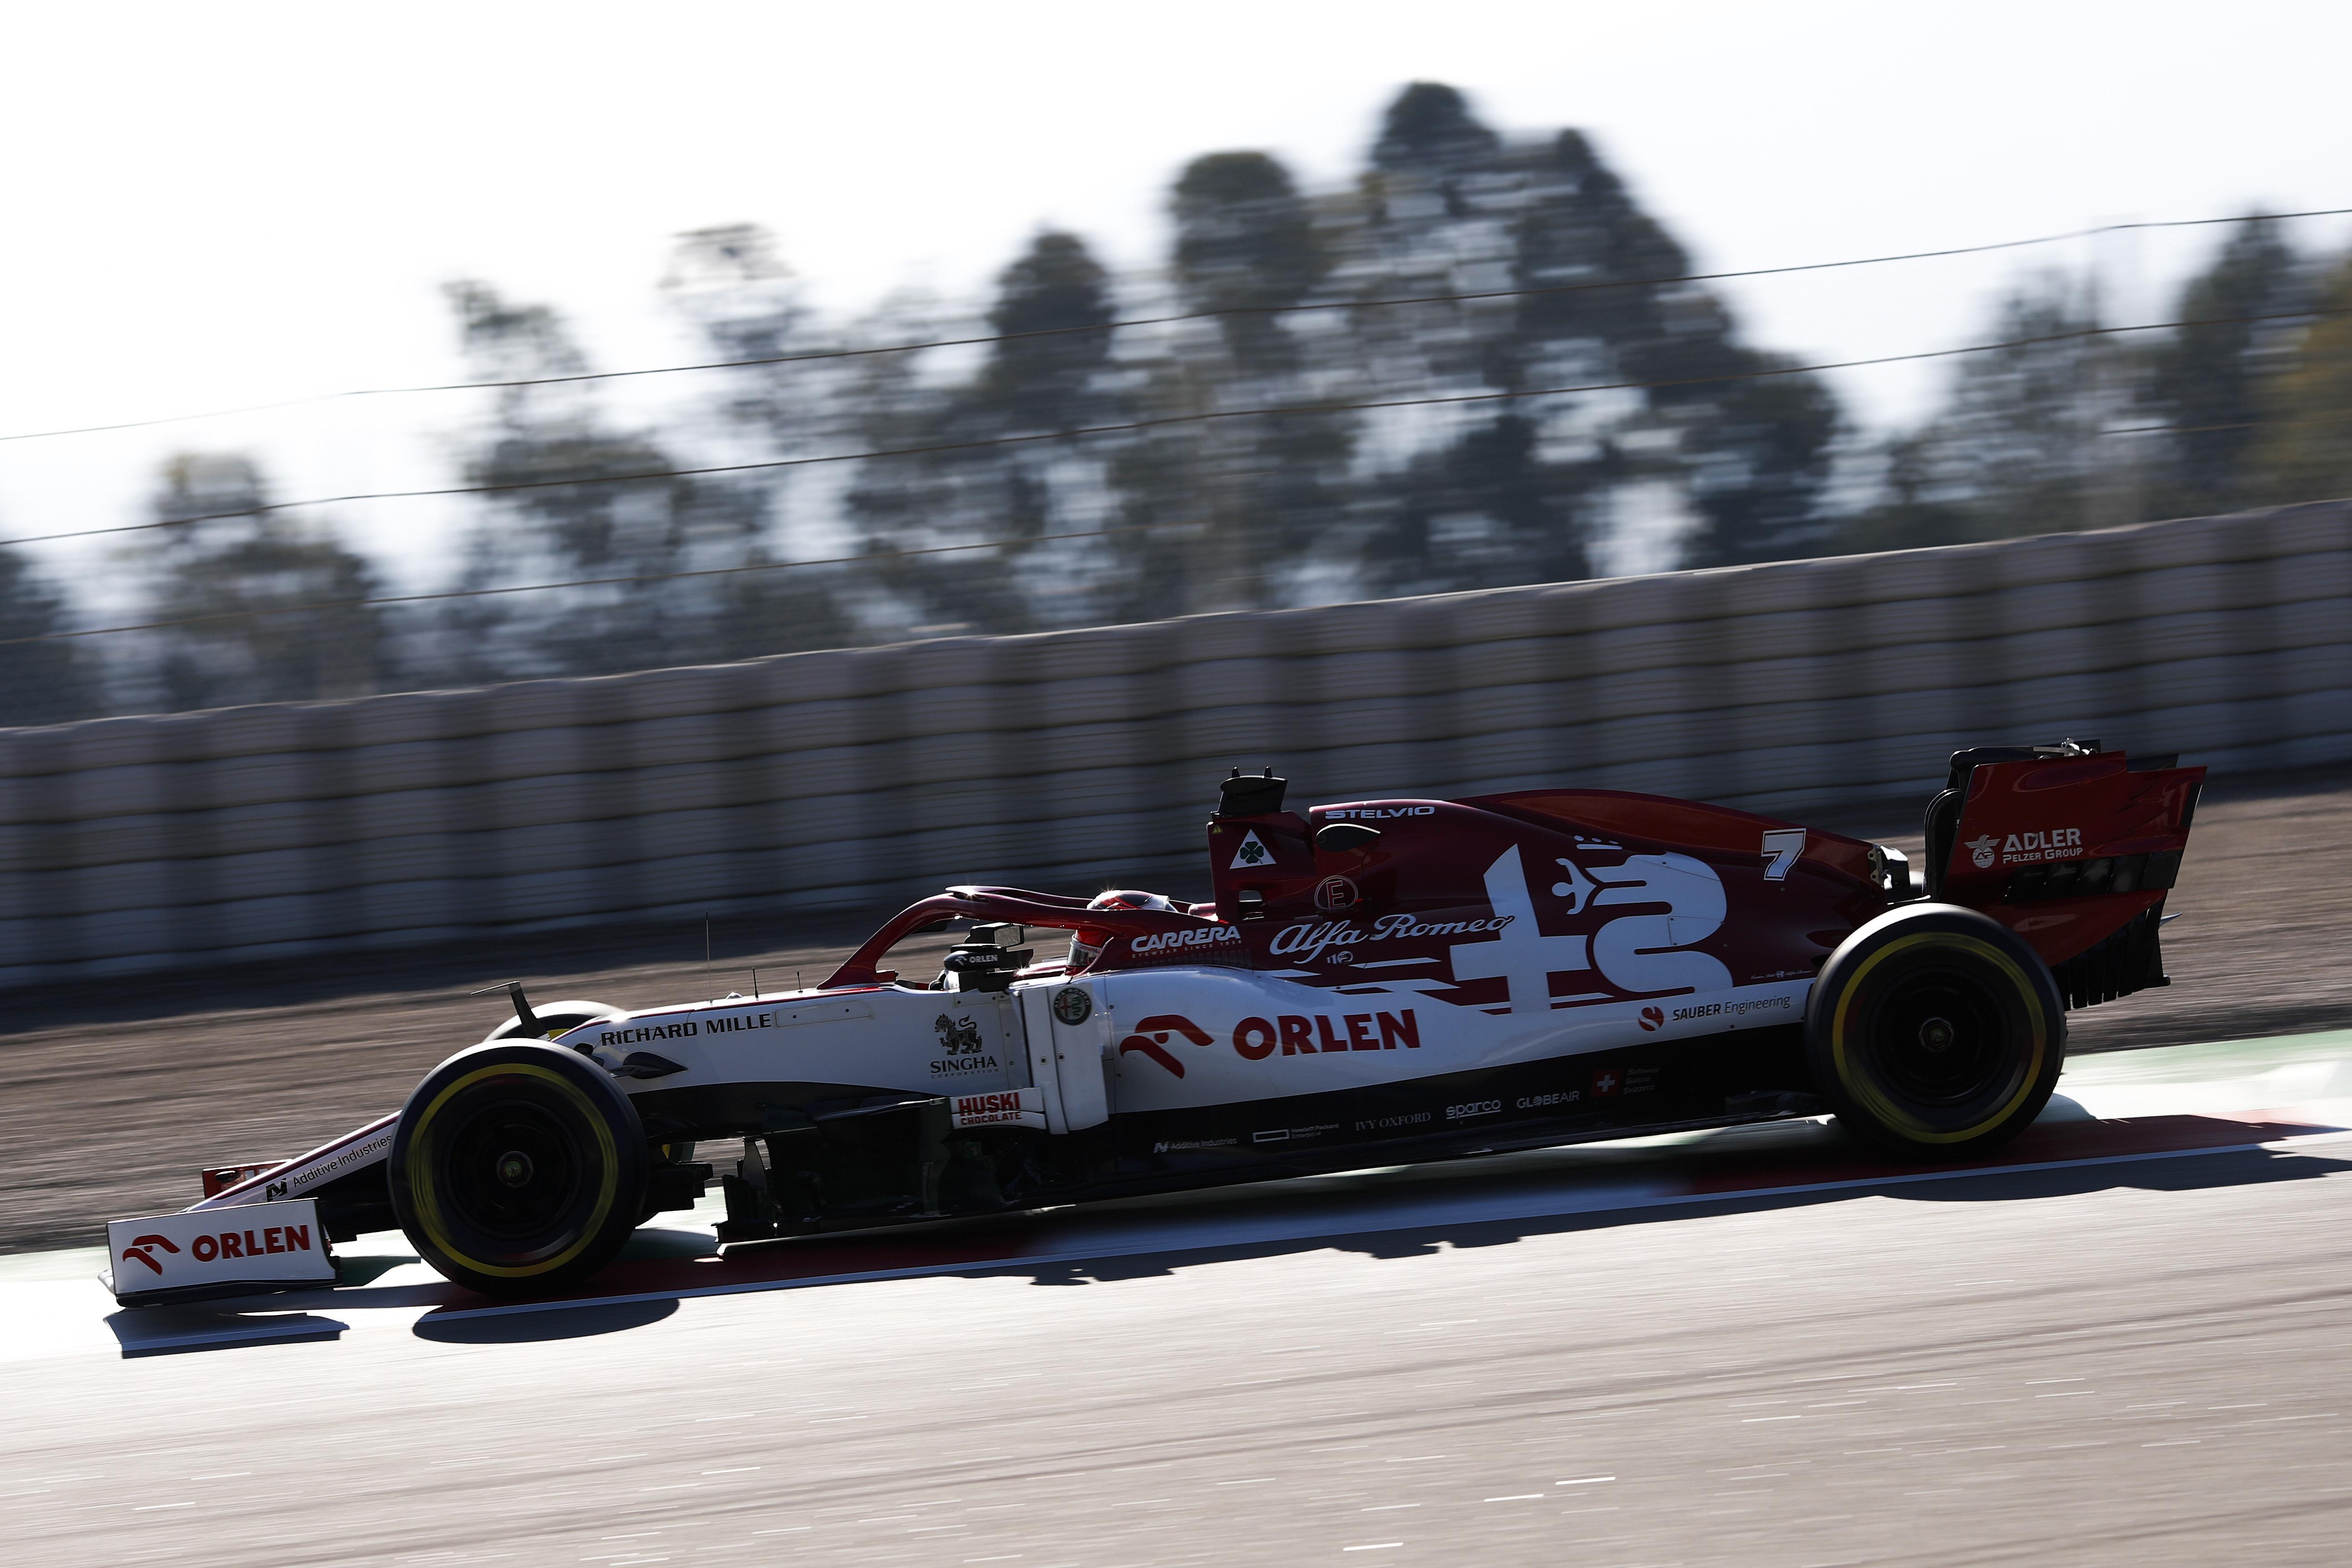 F1: Räikkönené a második tesztnap, de mindenki a Mercedesről beszél